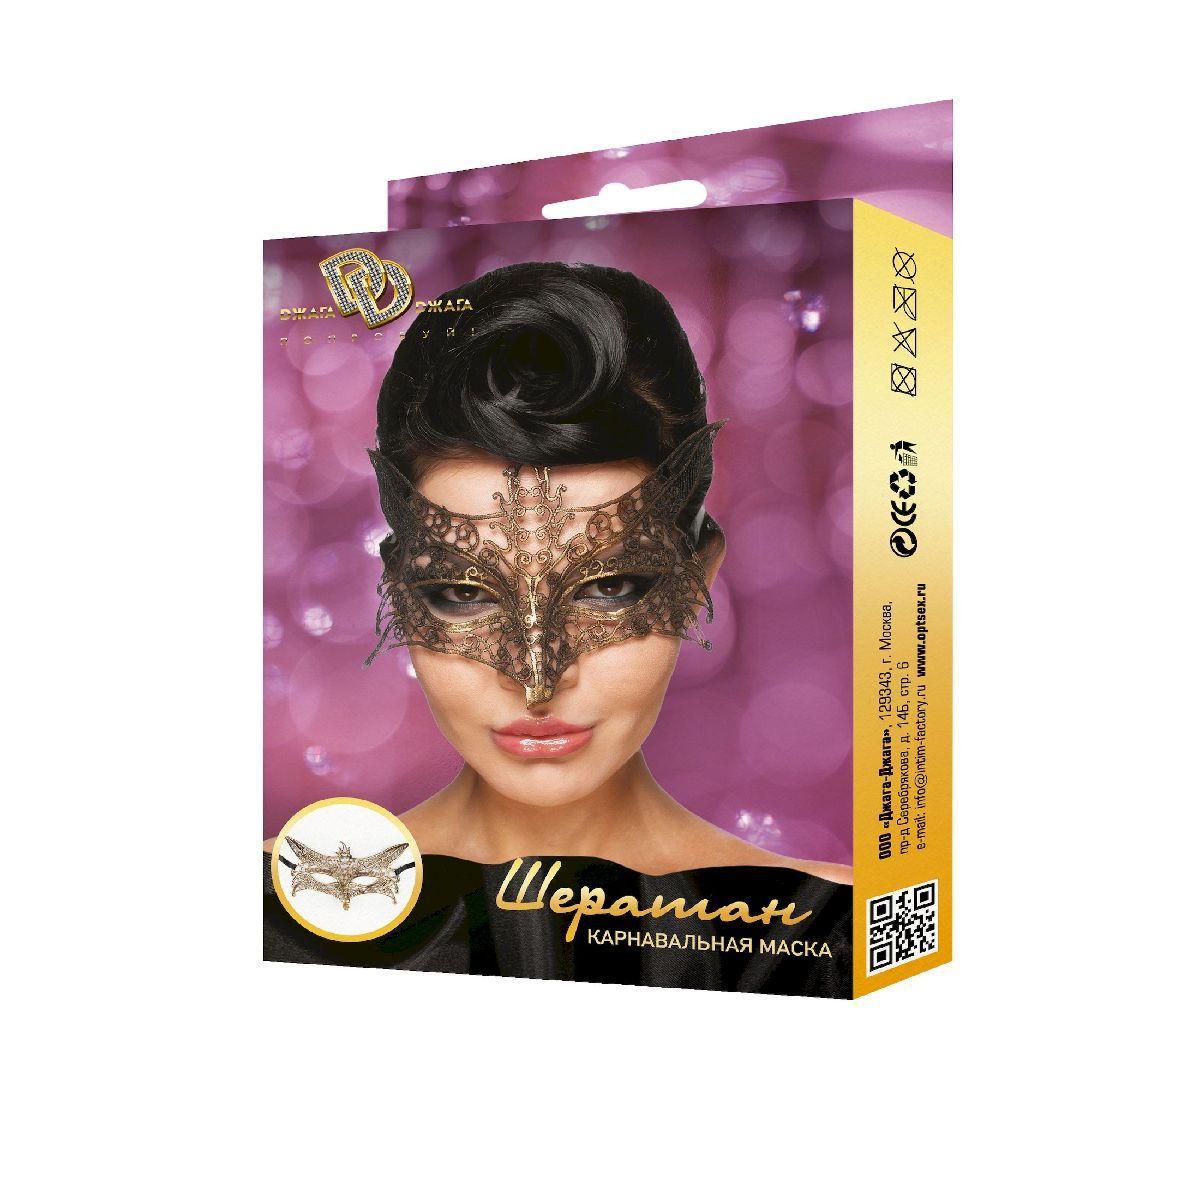 Золотистая карнавальная маска  Шератан